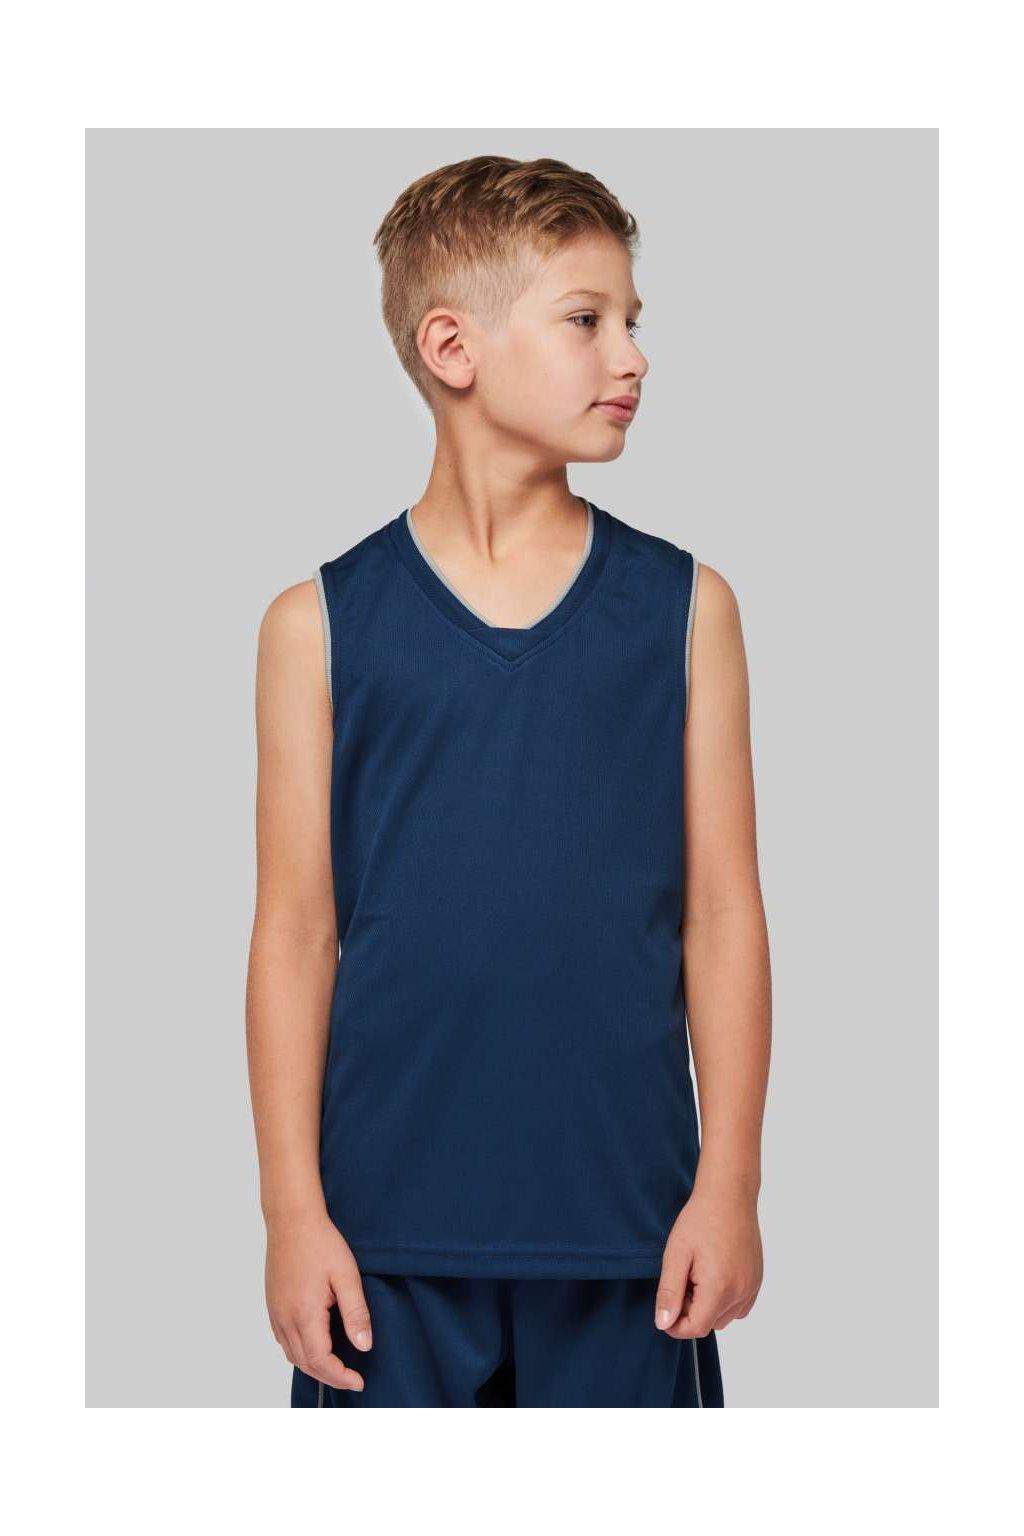 Dětský basketbalový dres JERSEY